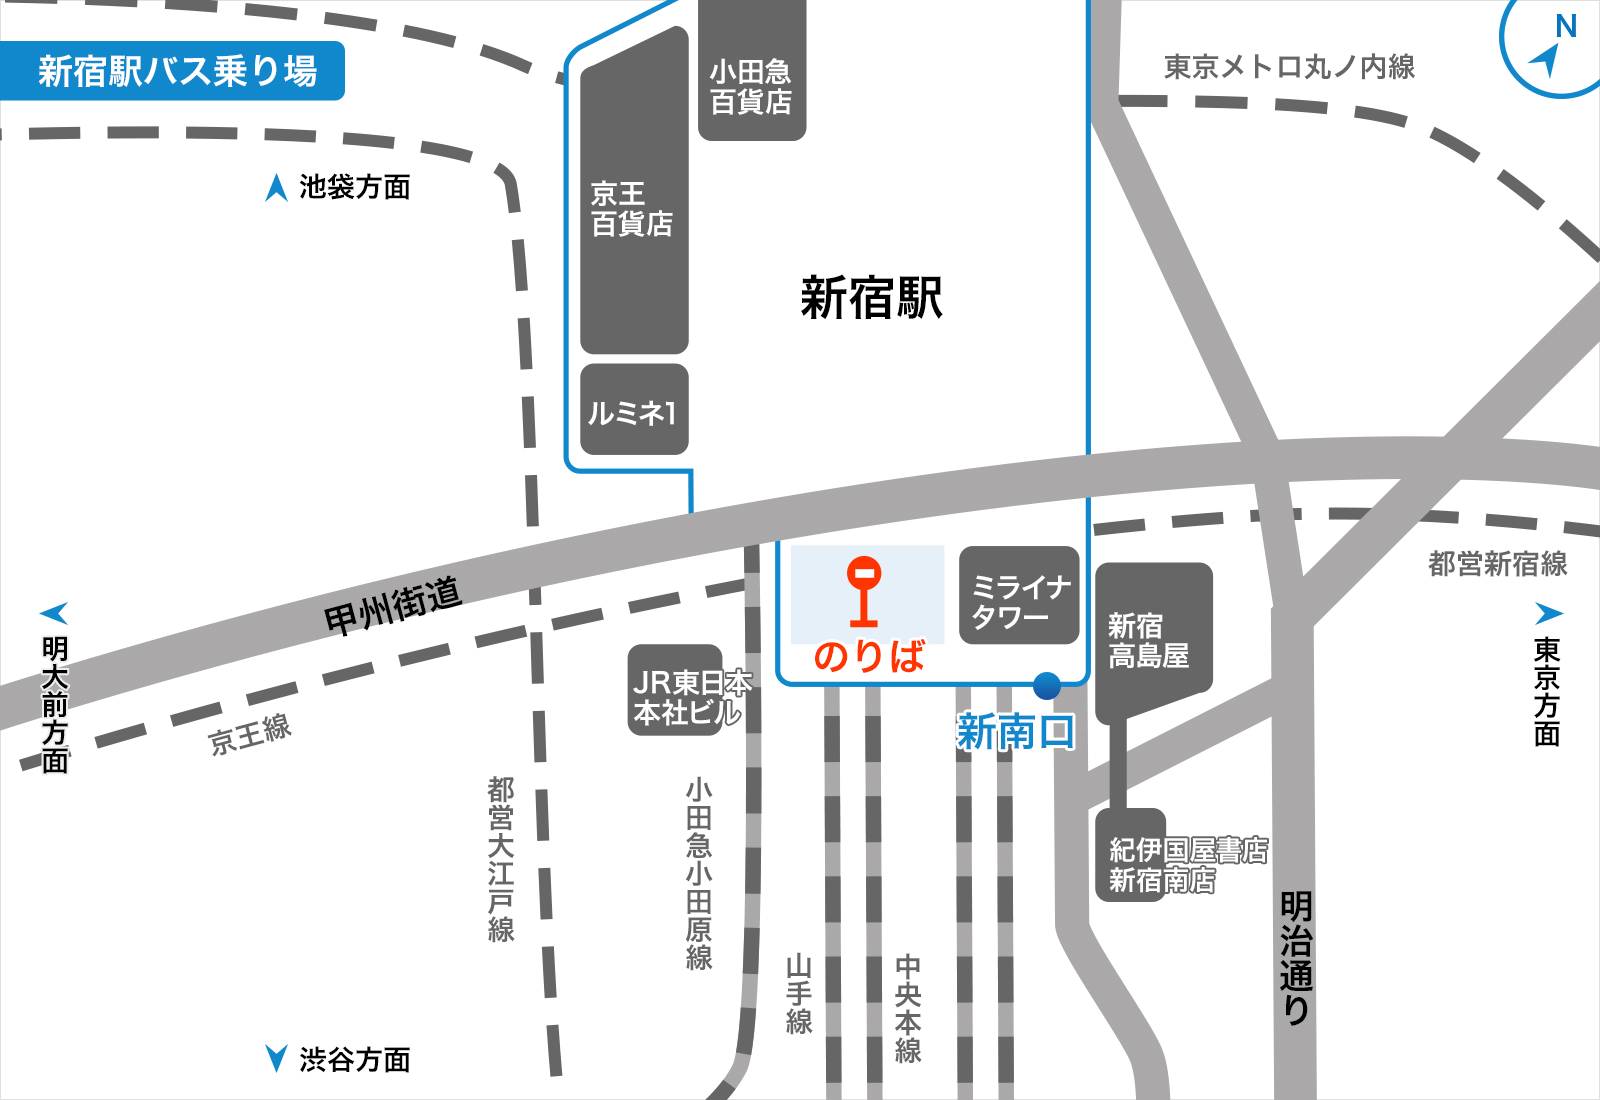 公式】新宿(時刻表/バス乗り場) | 東京ディズニーランド